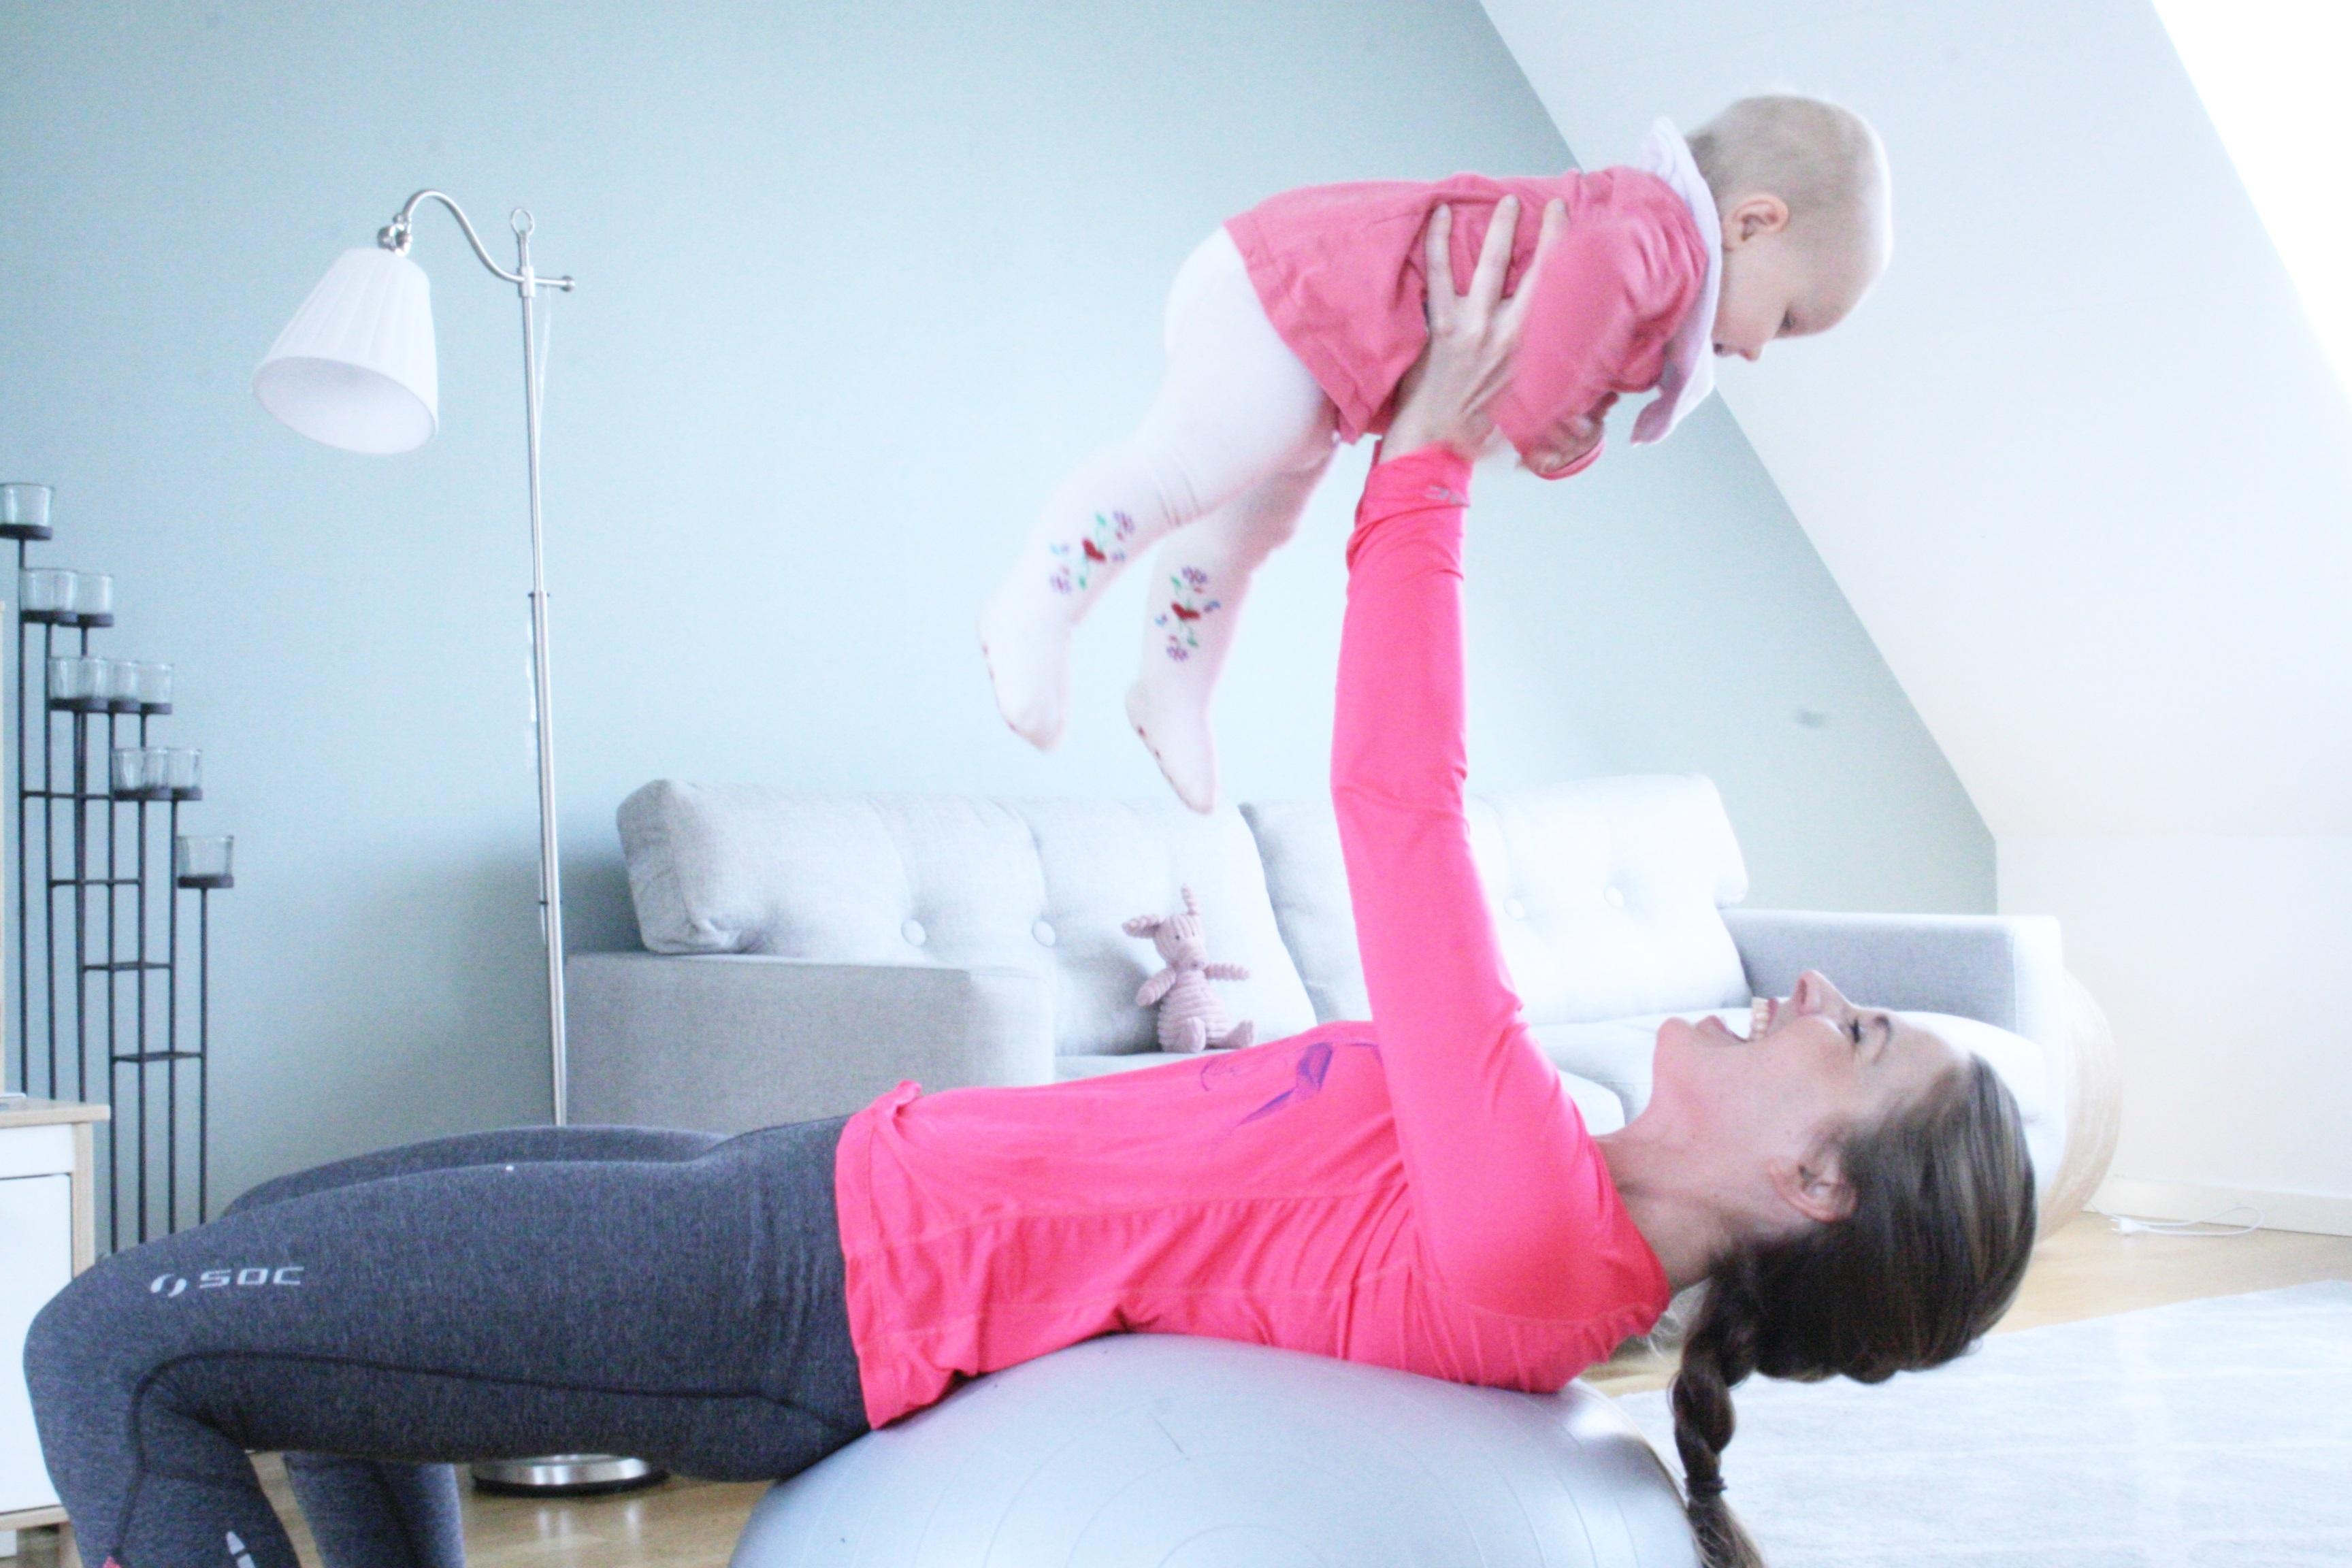 Mammaträning - Johanna visar övning med barn